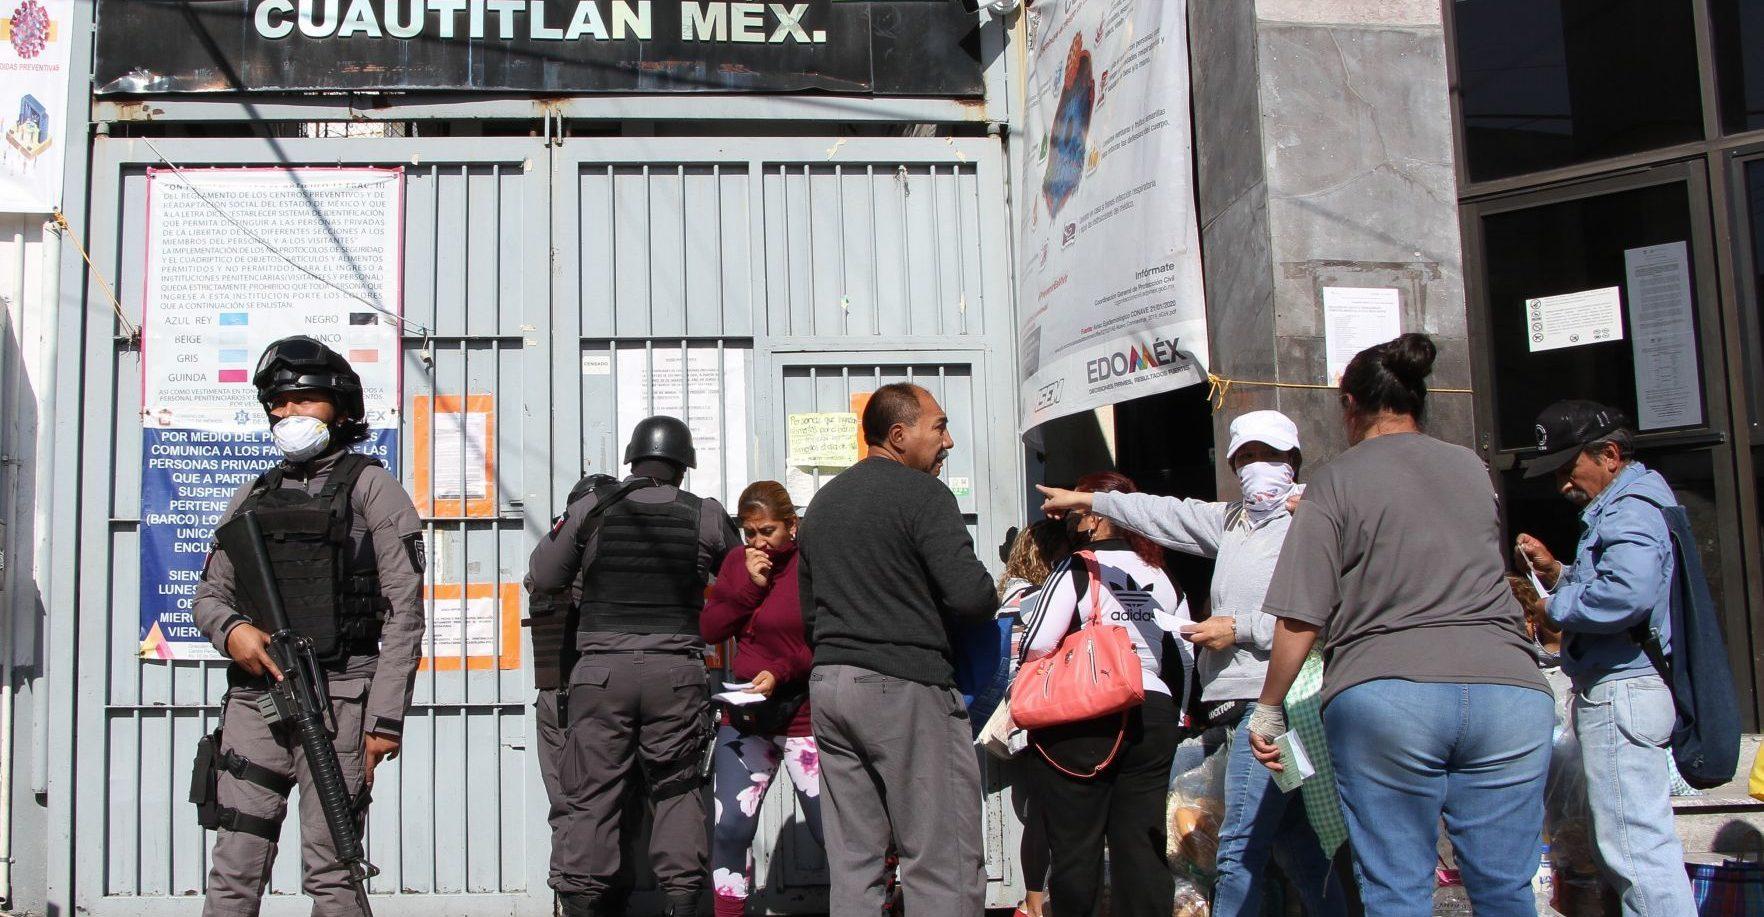 CNDH HACE RECOMENDACIONES AL PENAL DE CUAUTITLÁN TRAS HECHOS VIOLENTOS